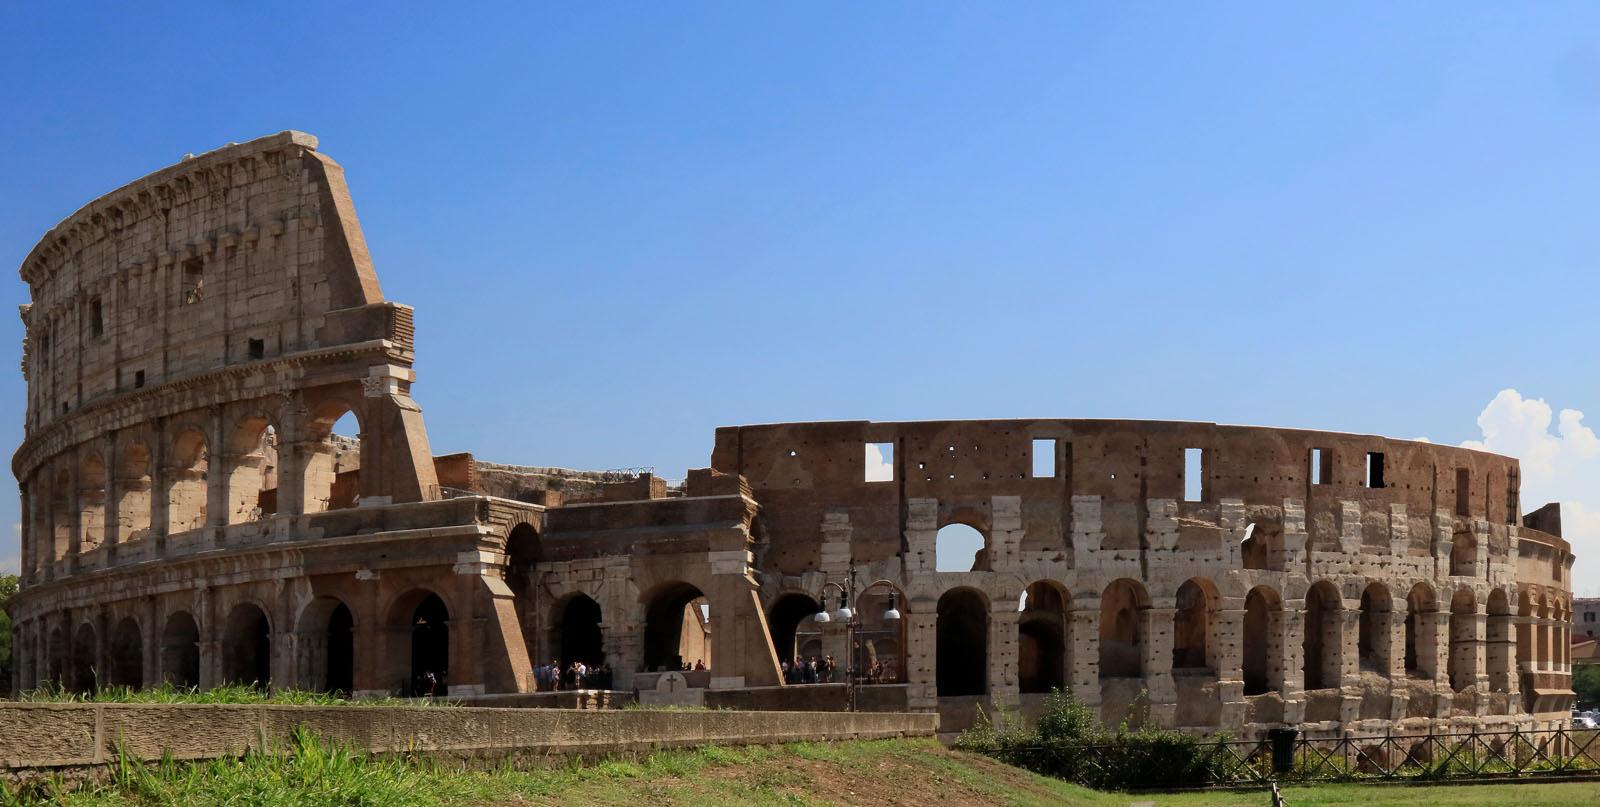 Roma, presentato il programma 2018/2019 per il Parco Archeologico del Colosseo